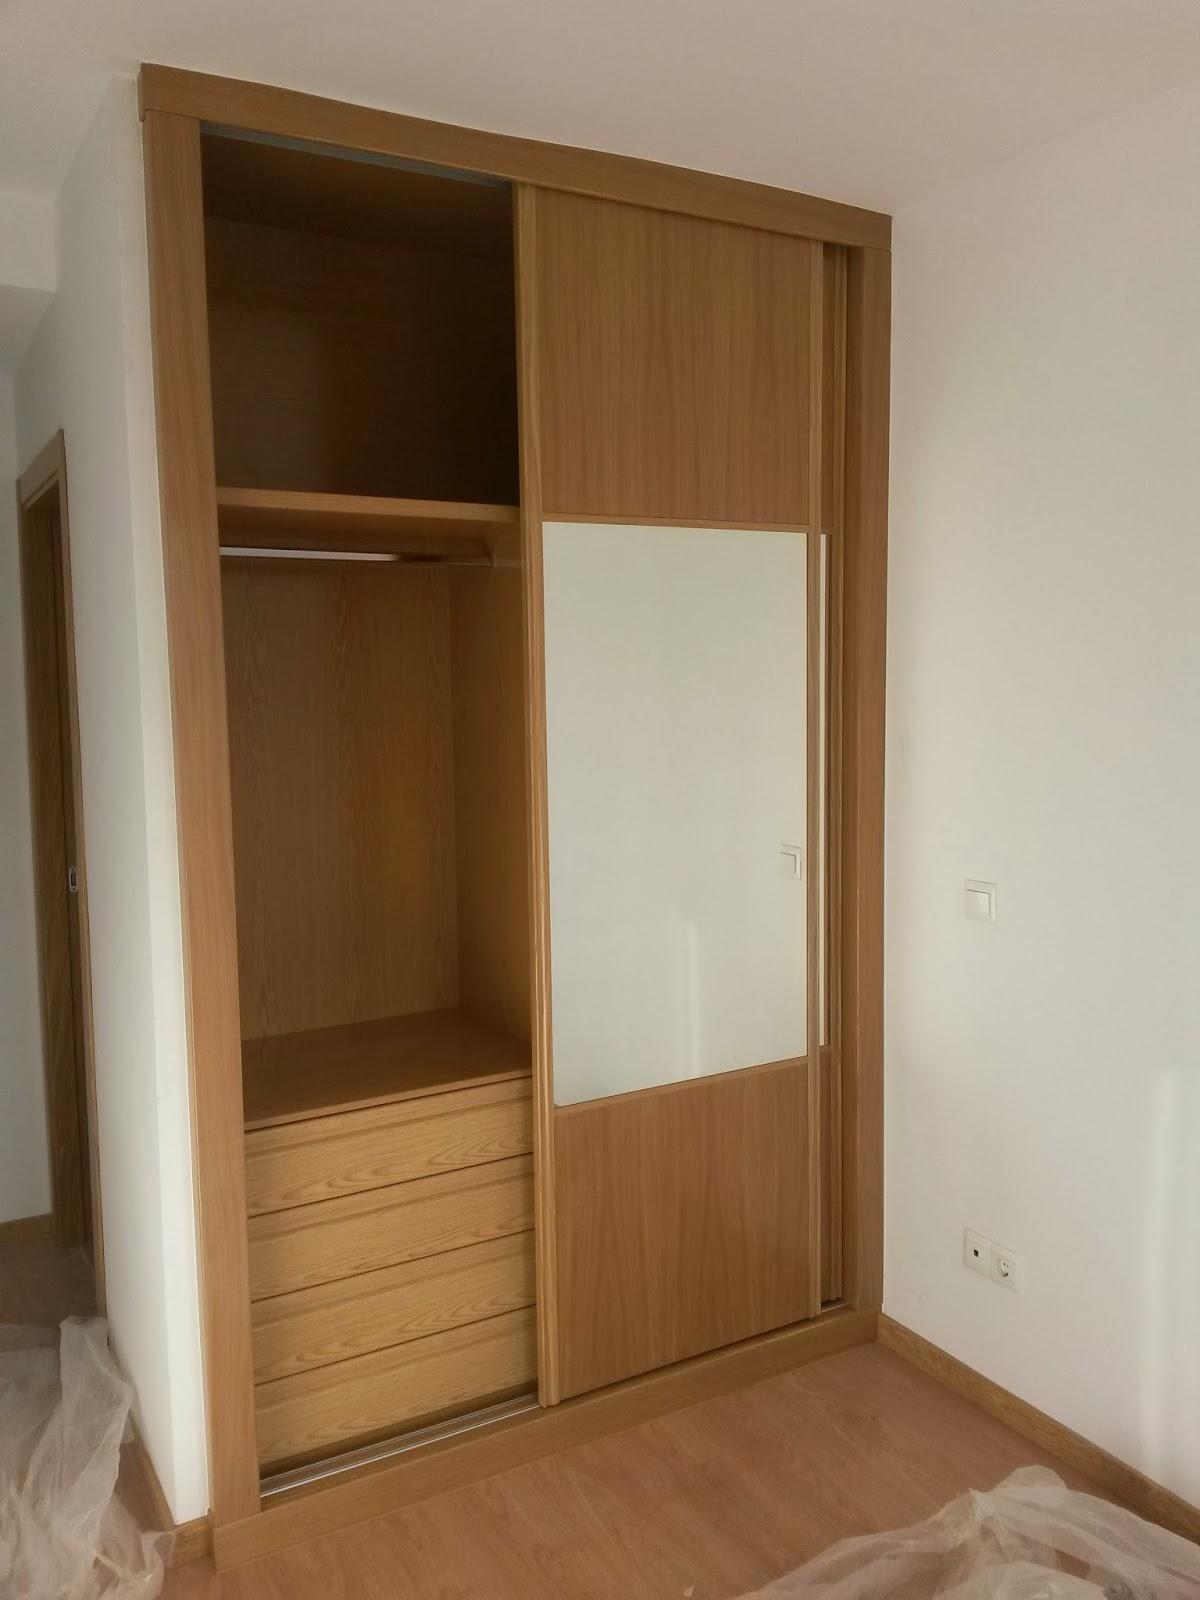 Muebles a medida forrado interior de armario con puertas for Puerta corredera castorama armario a medida